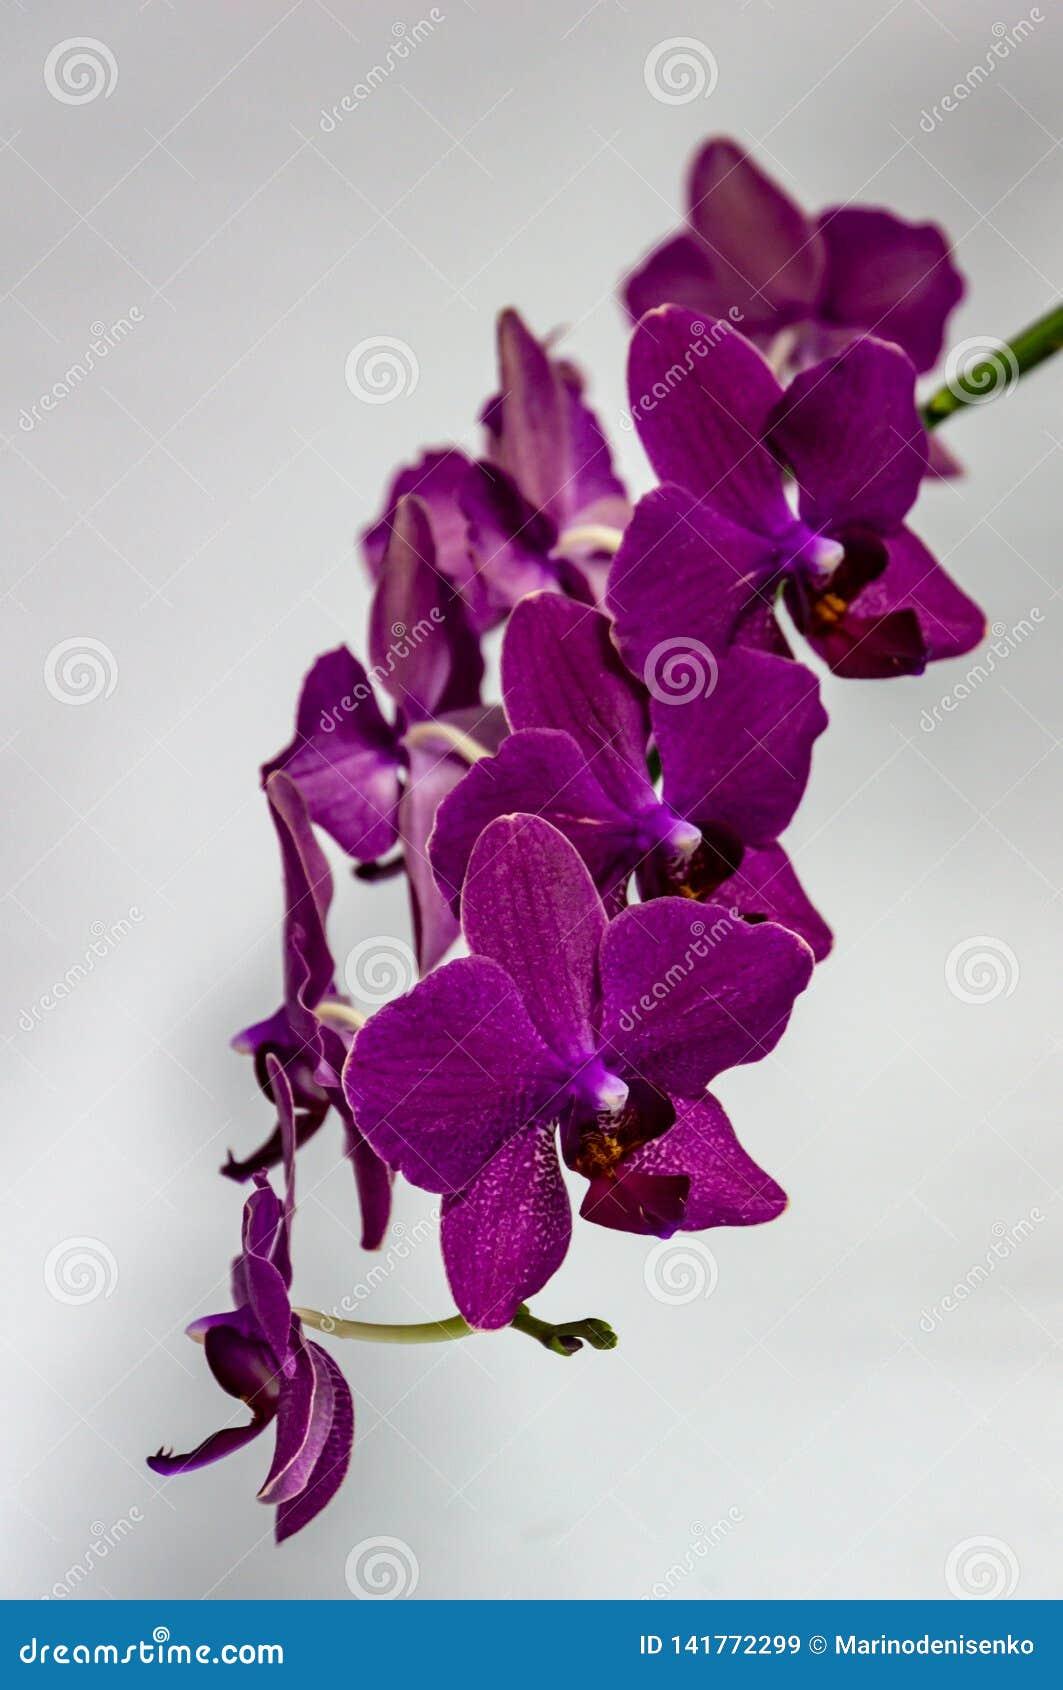 Niederlassung schönen dunklen purpurroten Orchideenblume Phalaenopsis, Schicksal bekannt als die Motten-Orchidee oder Phal, auf w